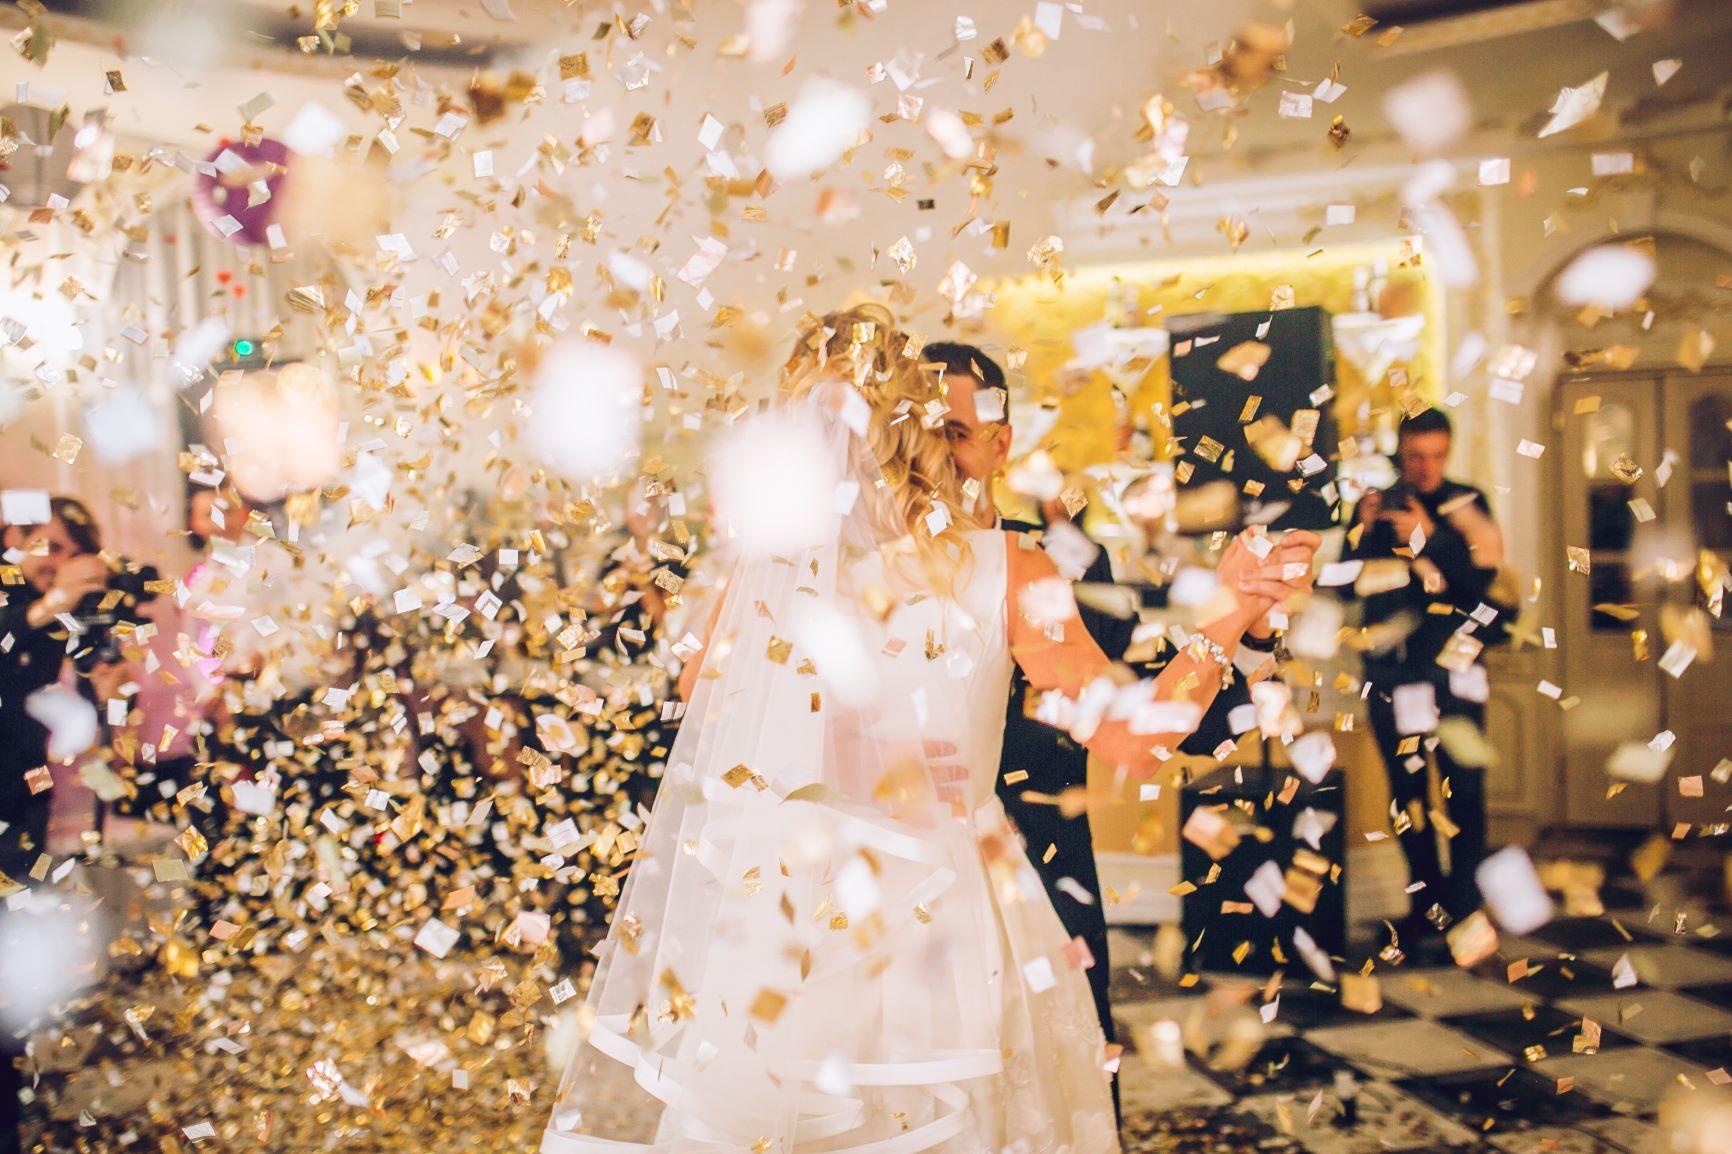 wedding-confetti-cannons.jpg